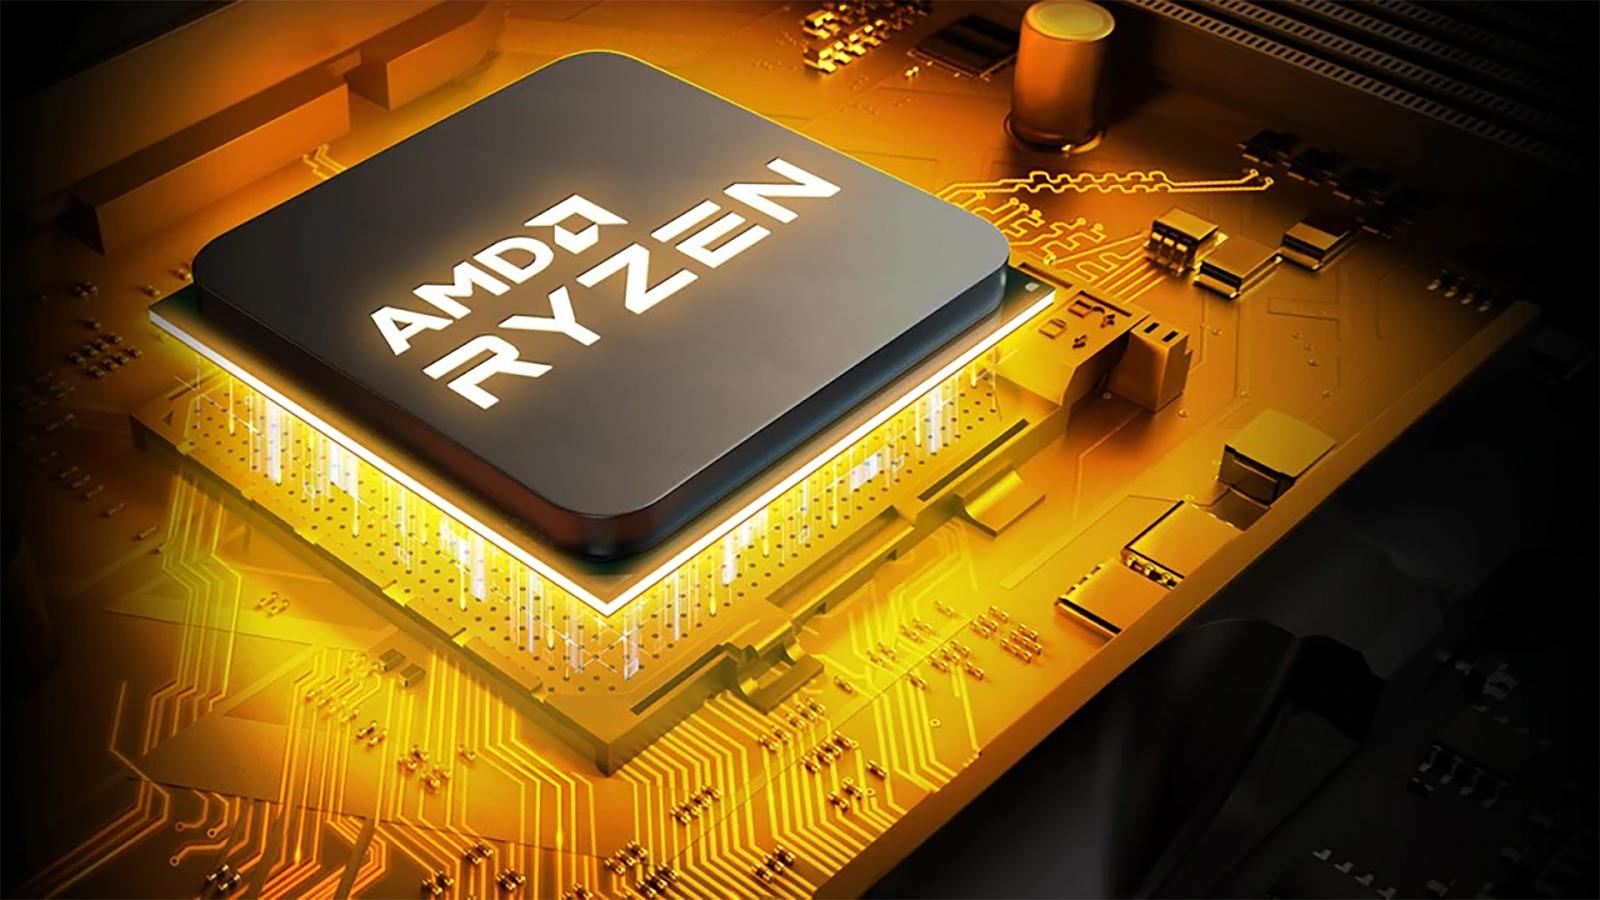 AMD's New Ryzen Zen 3 5000 Series